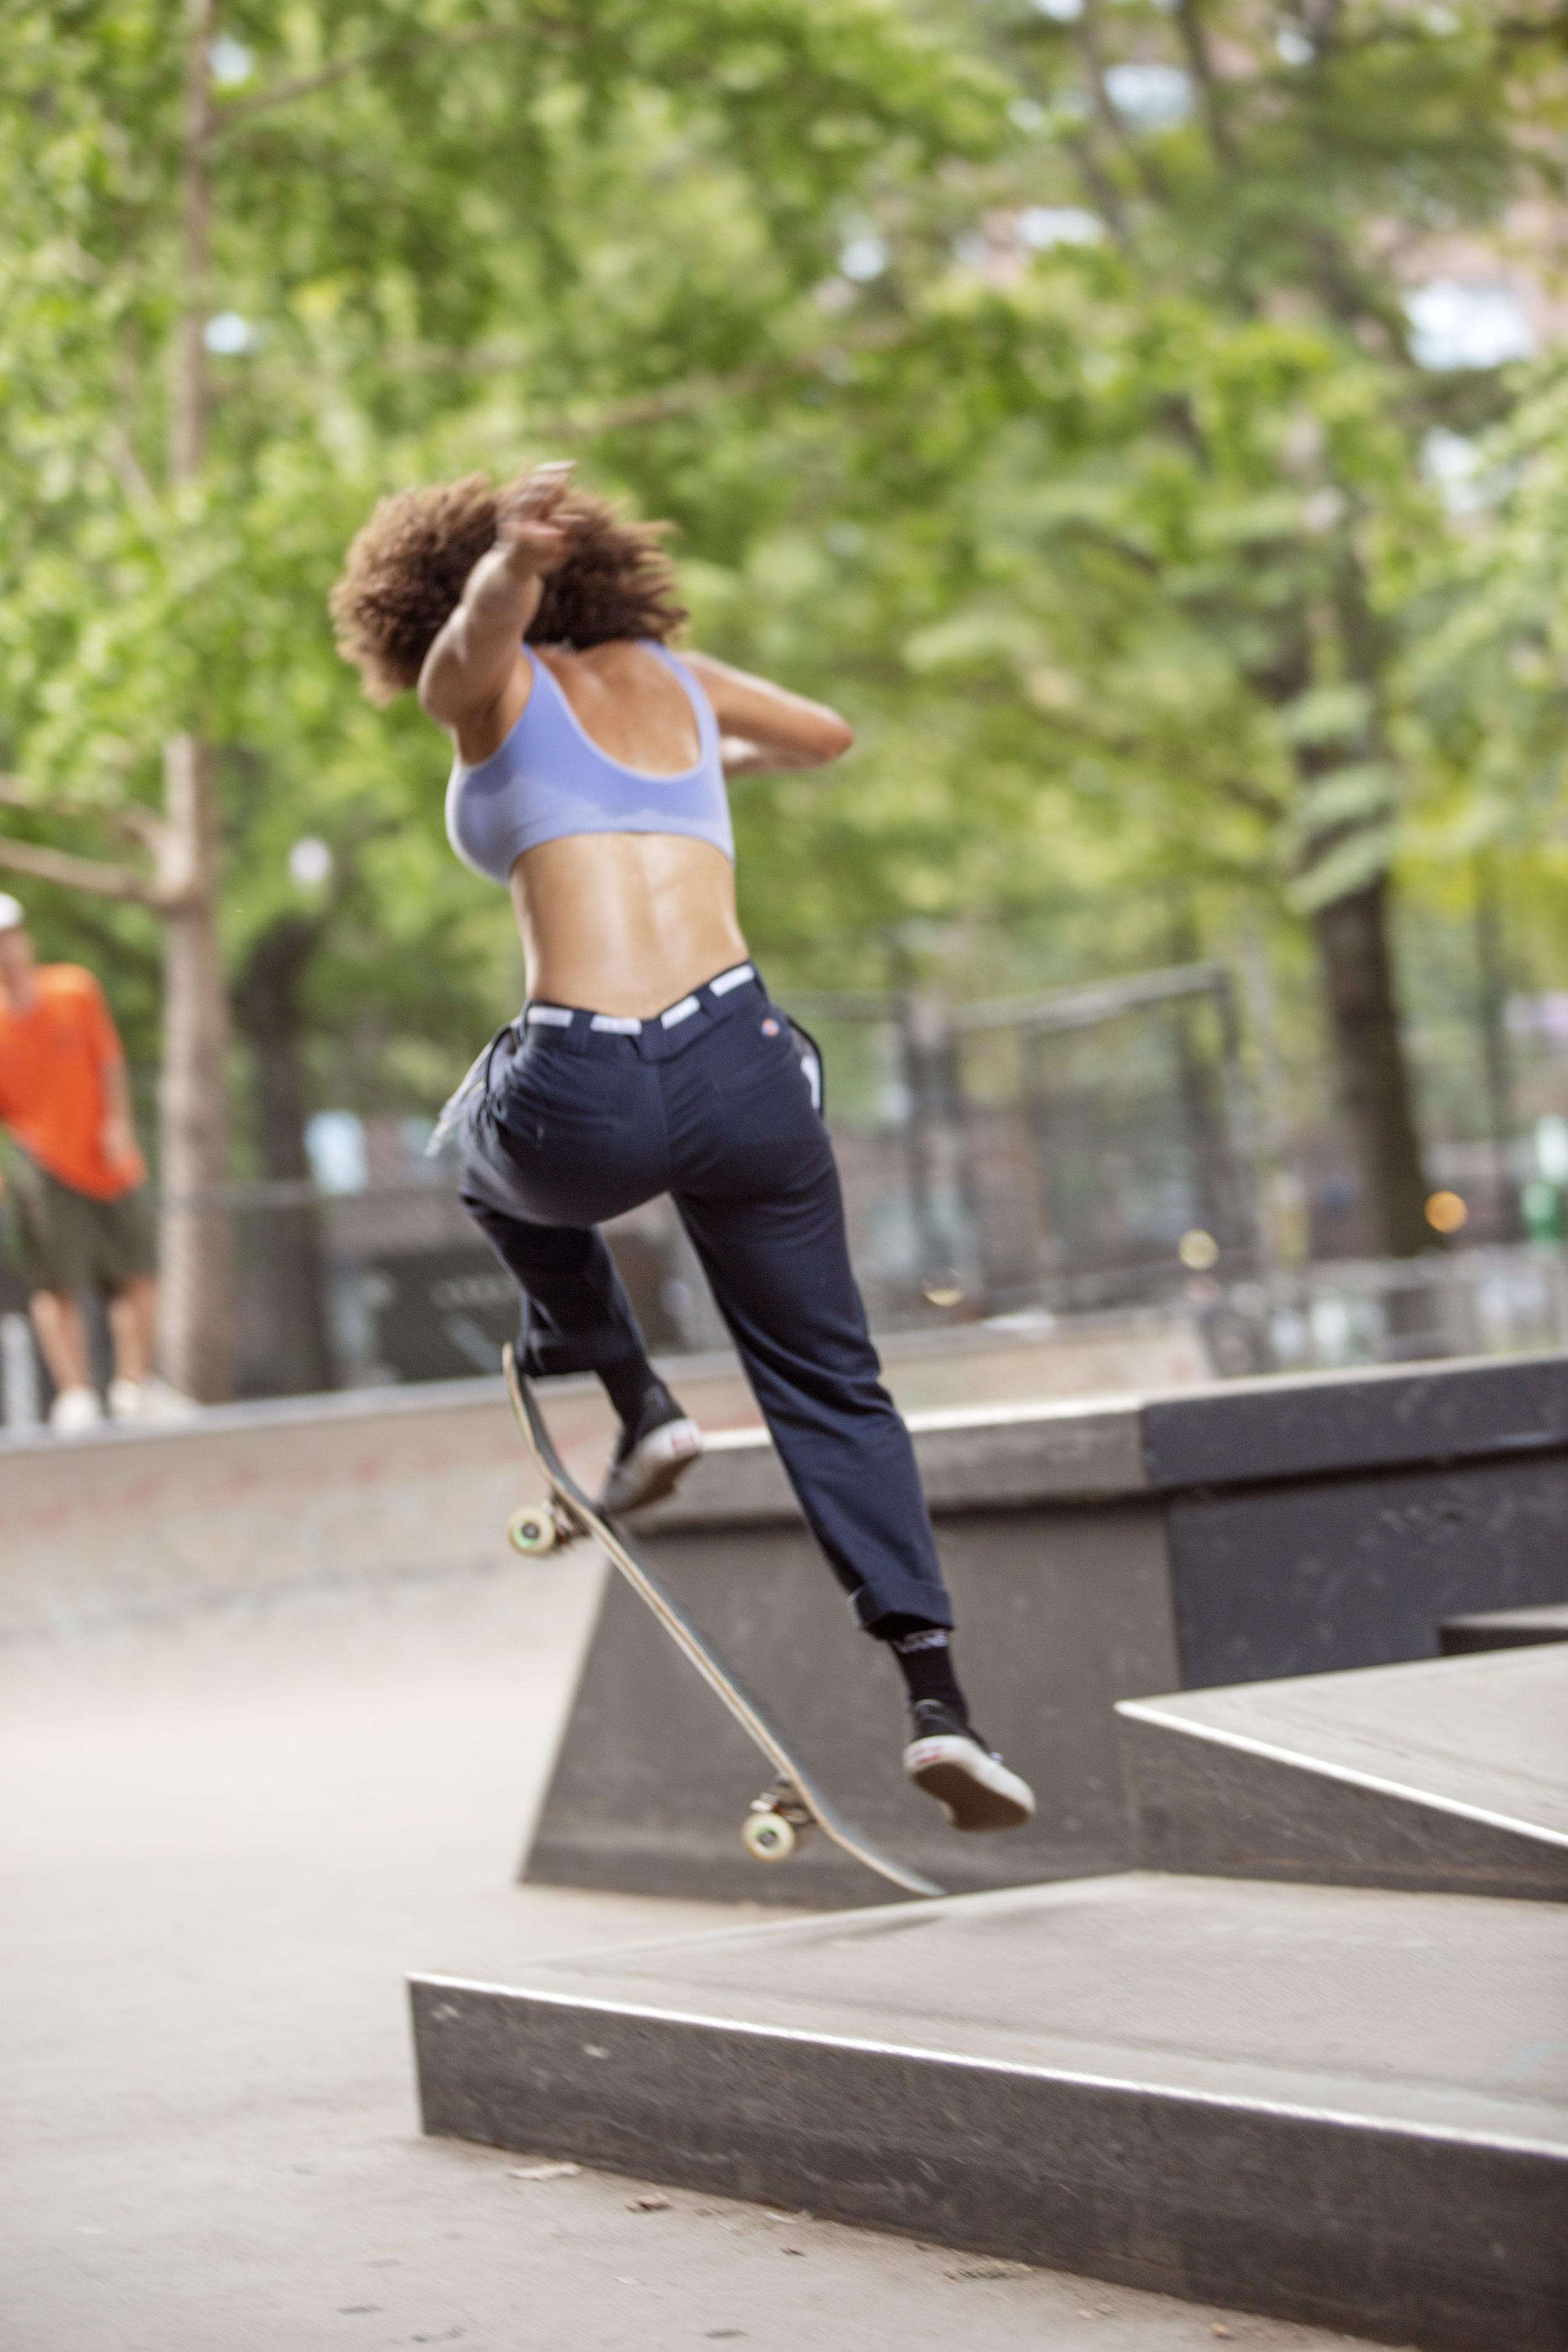 Skate-Kitchen-Christina-Arza-6.jpg